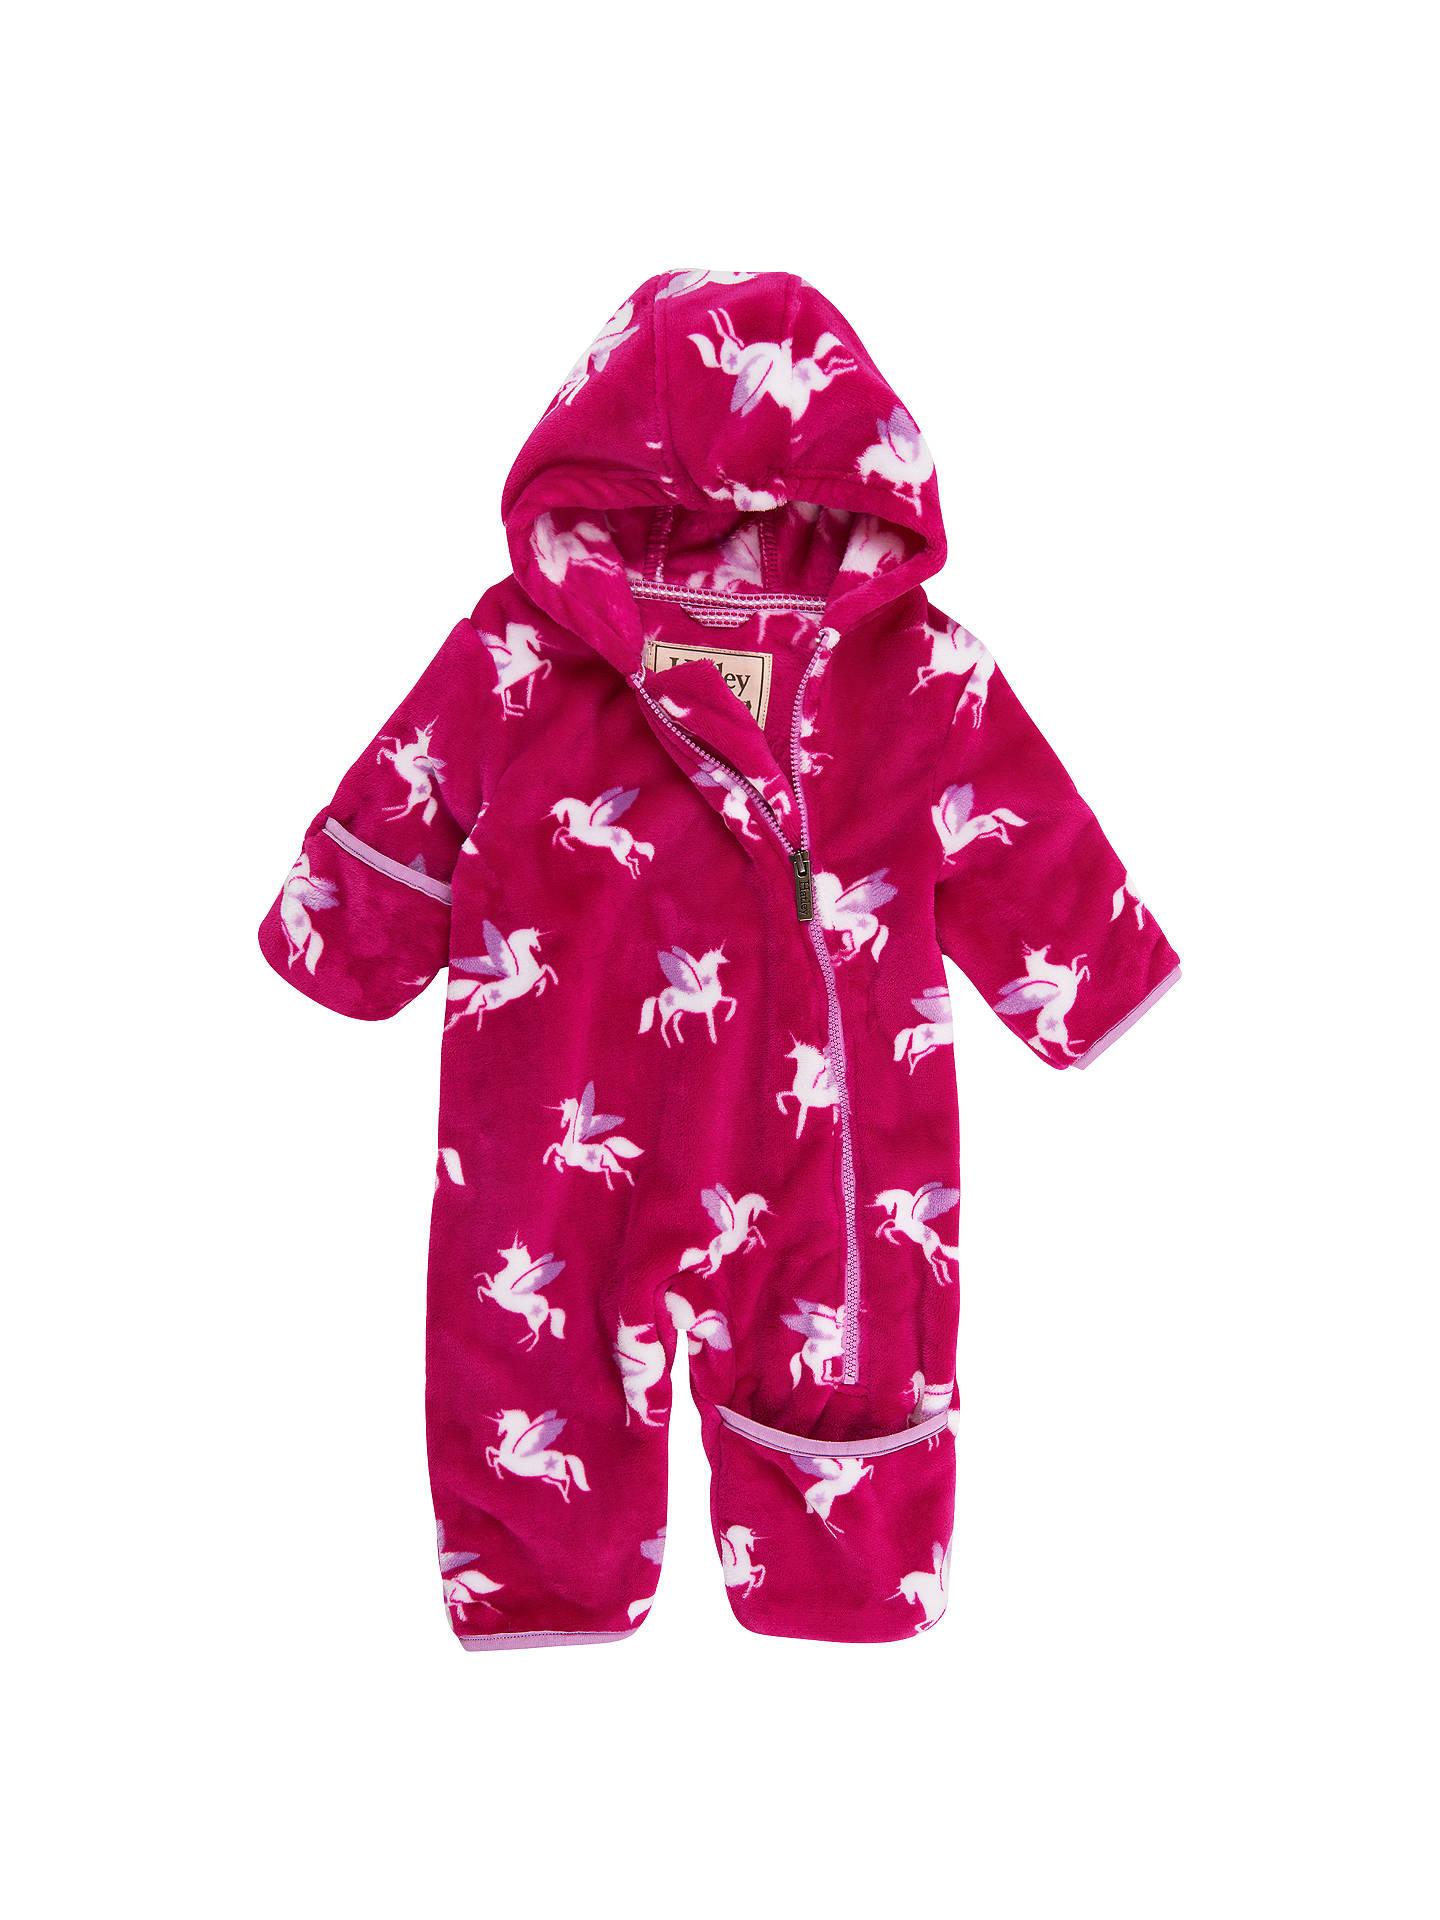 92f08b4554d5 Hatley Baby Winged Unicorns Fuzzy Fleece Bundler